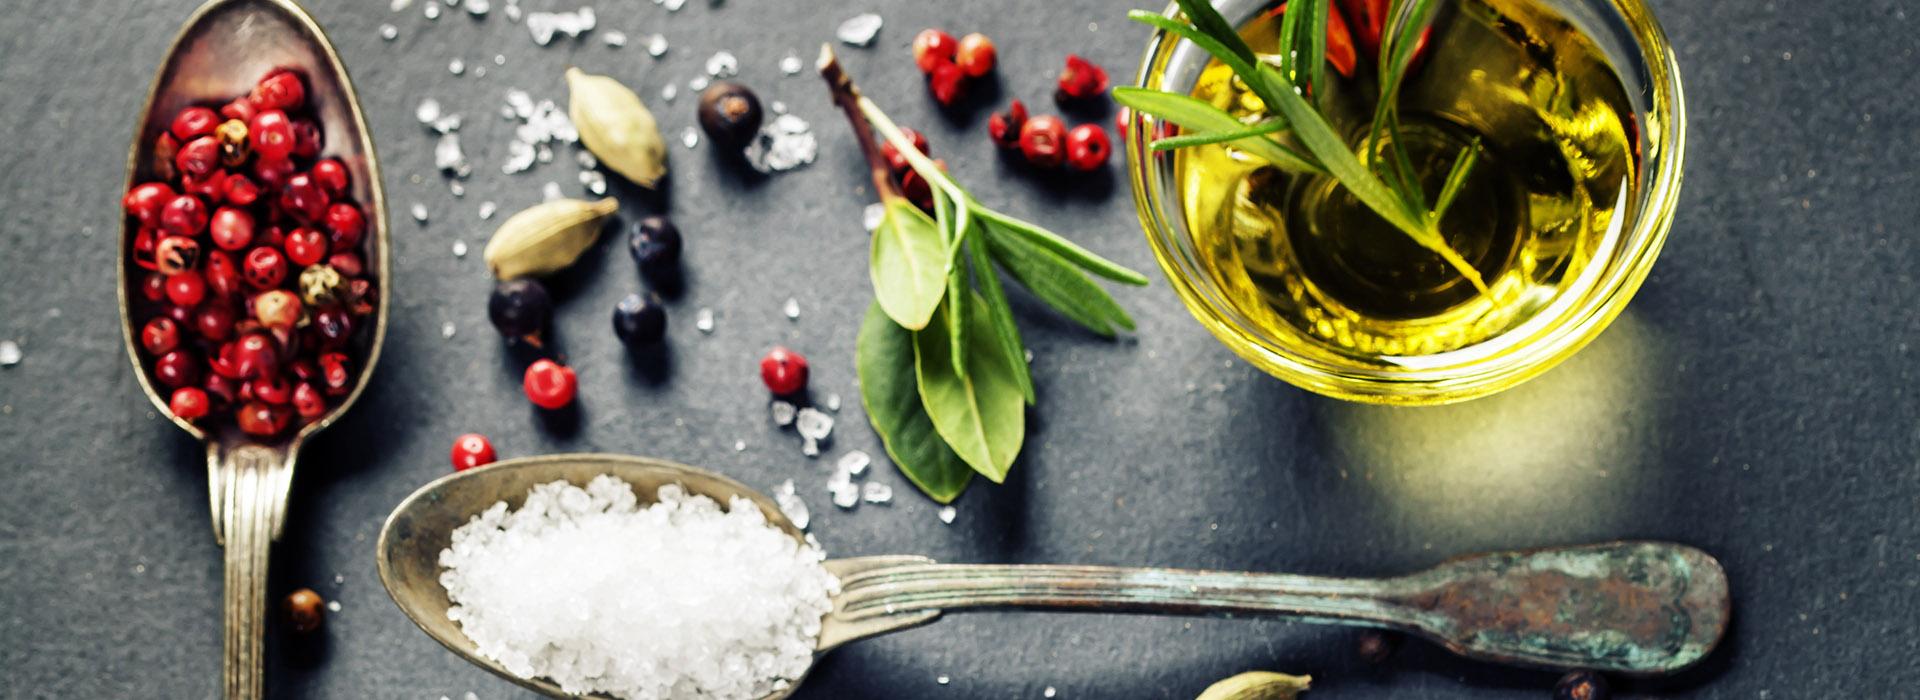 Reisekulinarium - Reisebüro & kulinarische Spezialitäten